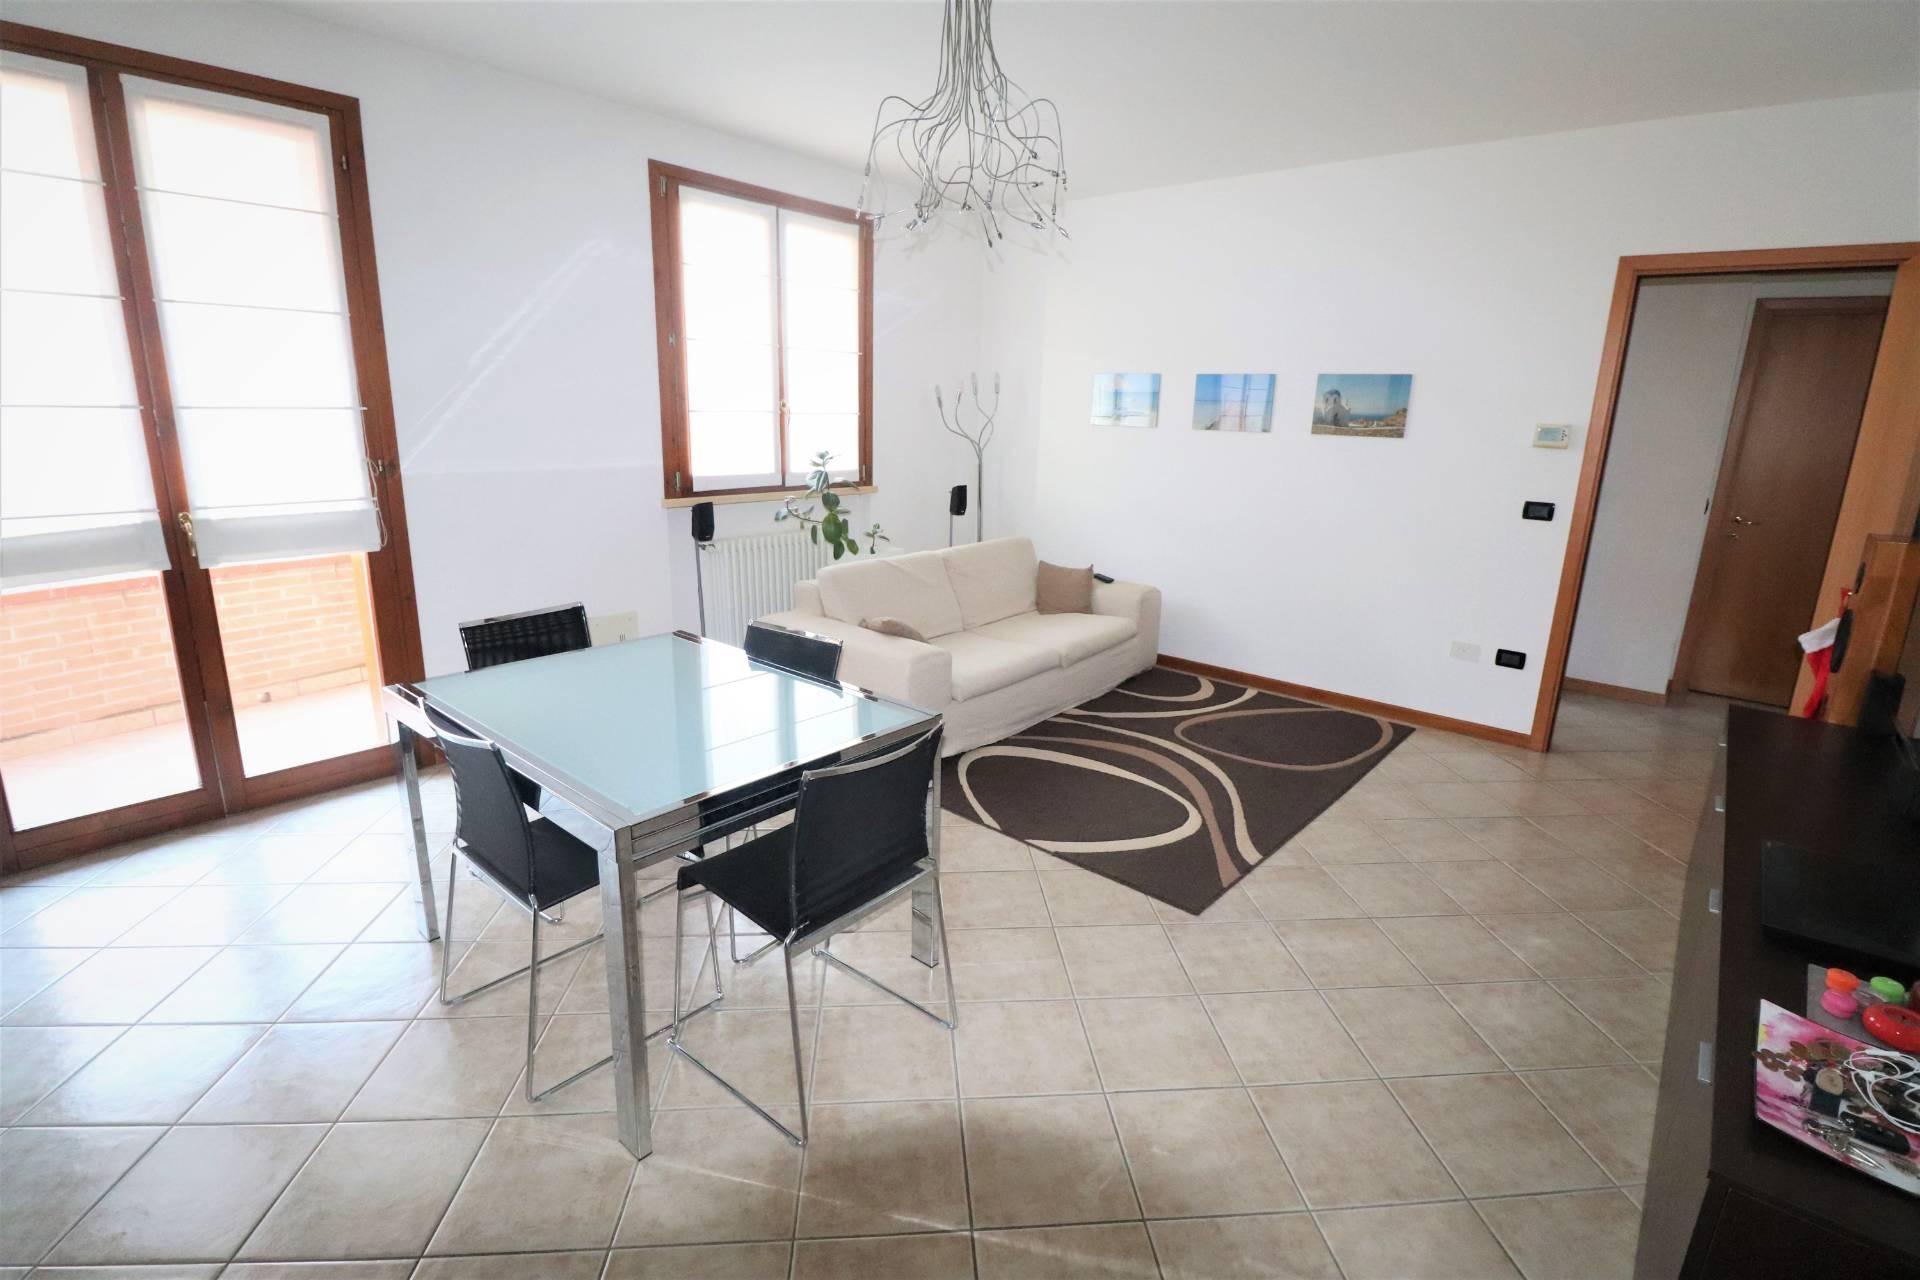 Appartamento in vendita a Curtatone, 3 locali, zona Zona: Levata, prezzo € 95.000 | CambioCasa.it